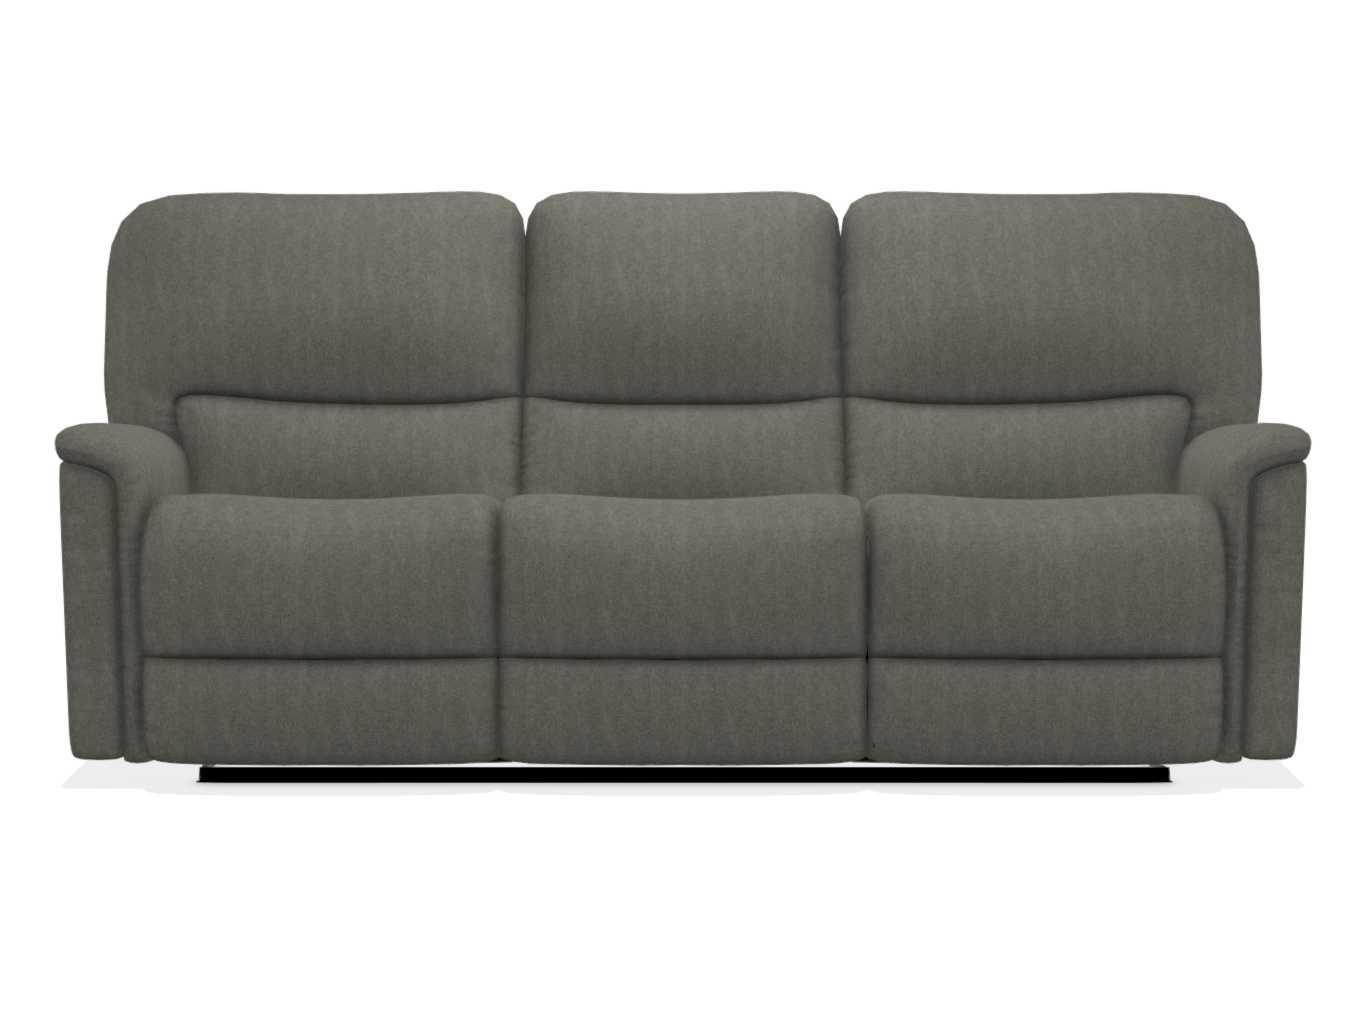 Turner Power Wall Reclining Sofa w/ Head Rest & Lumbar